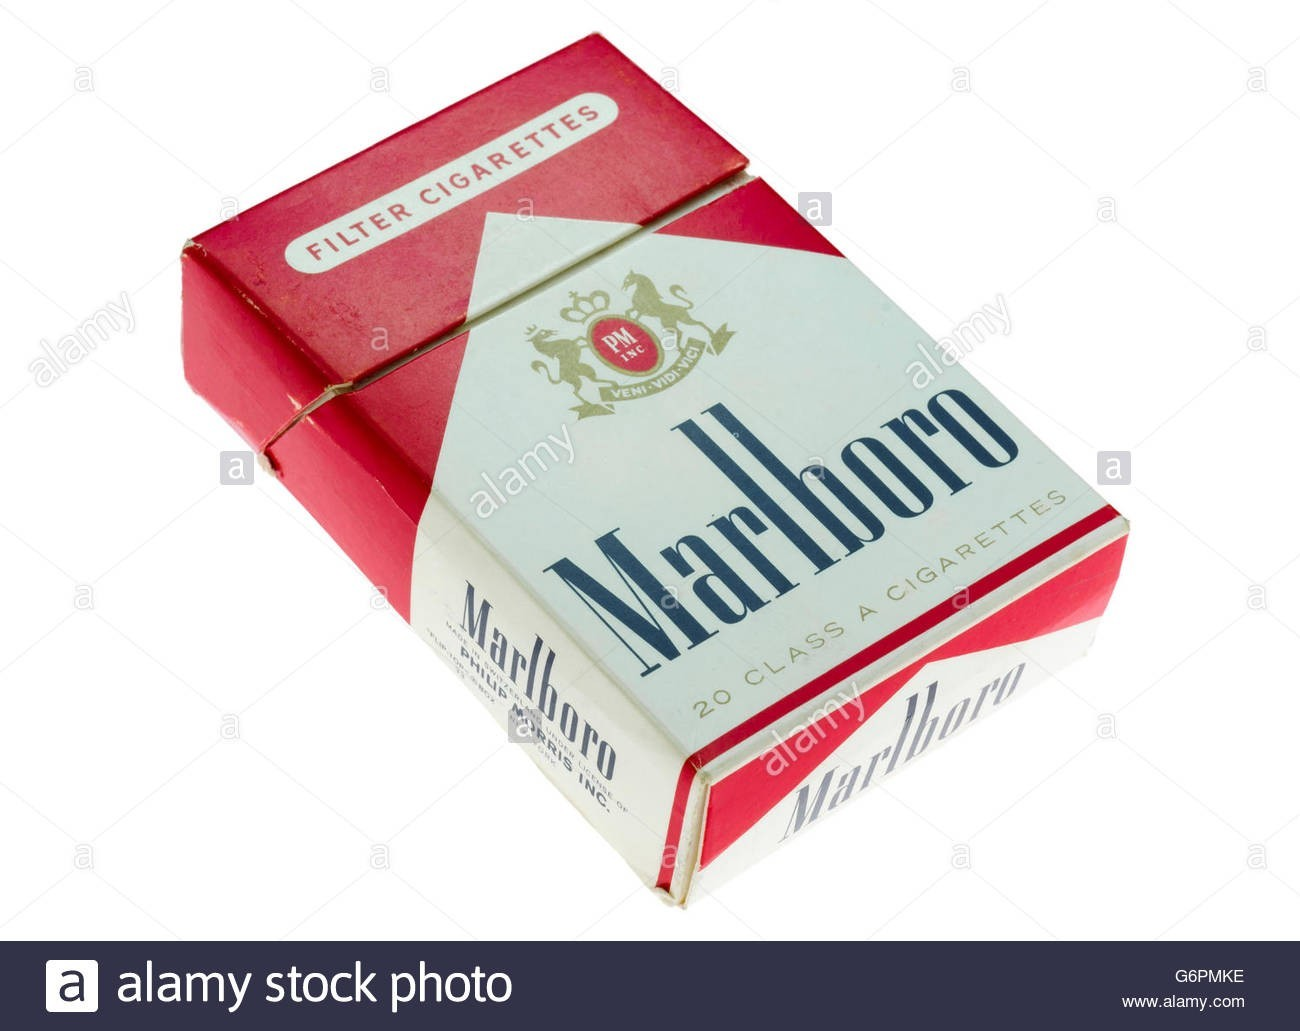 Пачку сигарет купи мне сигареты vip купить в спб